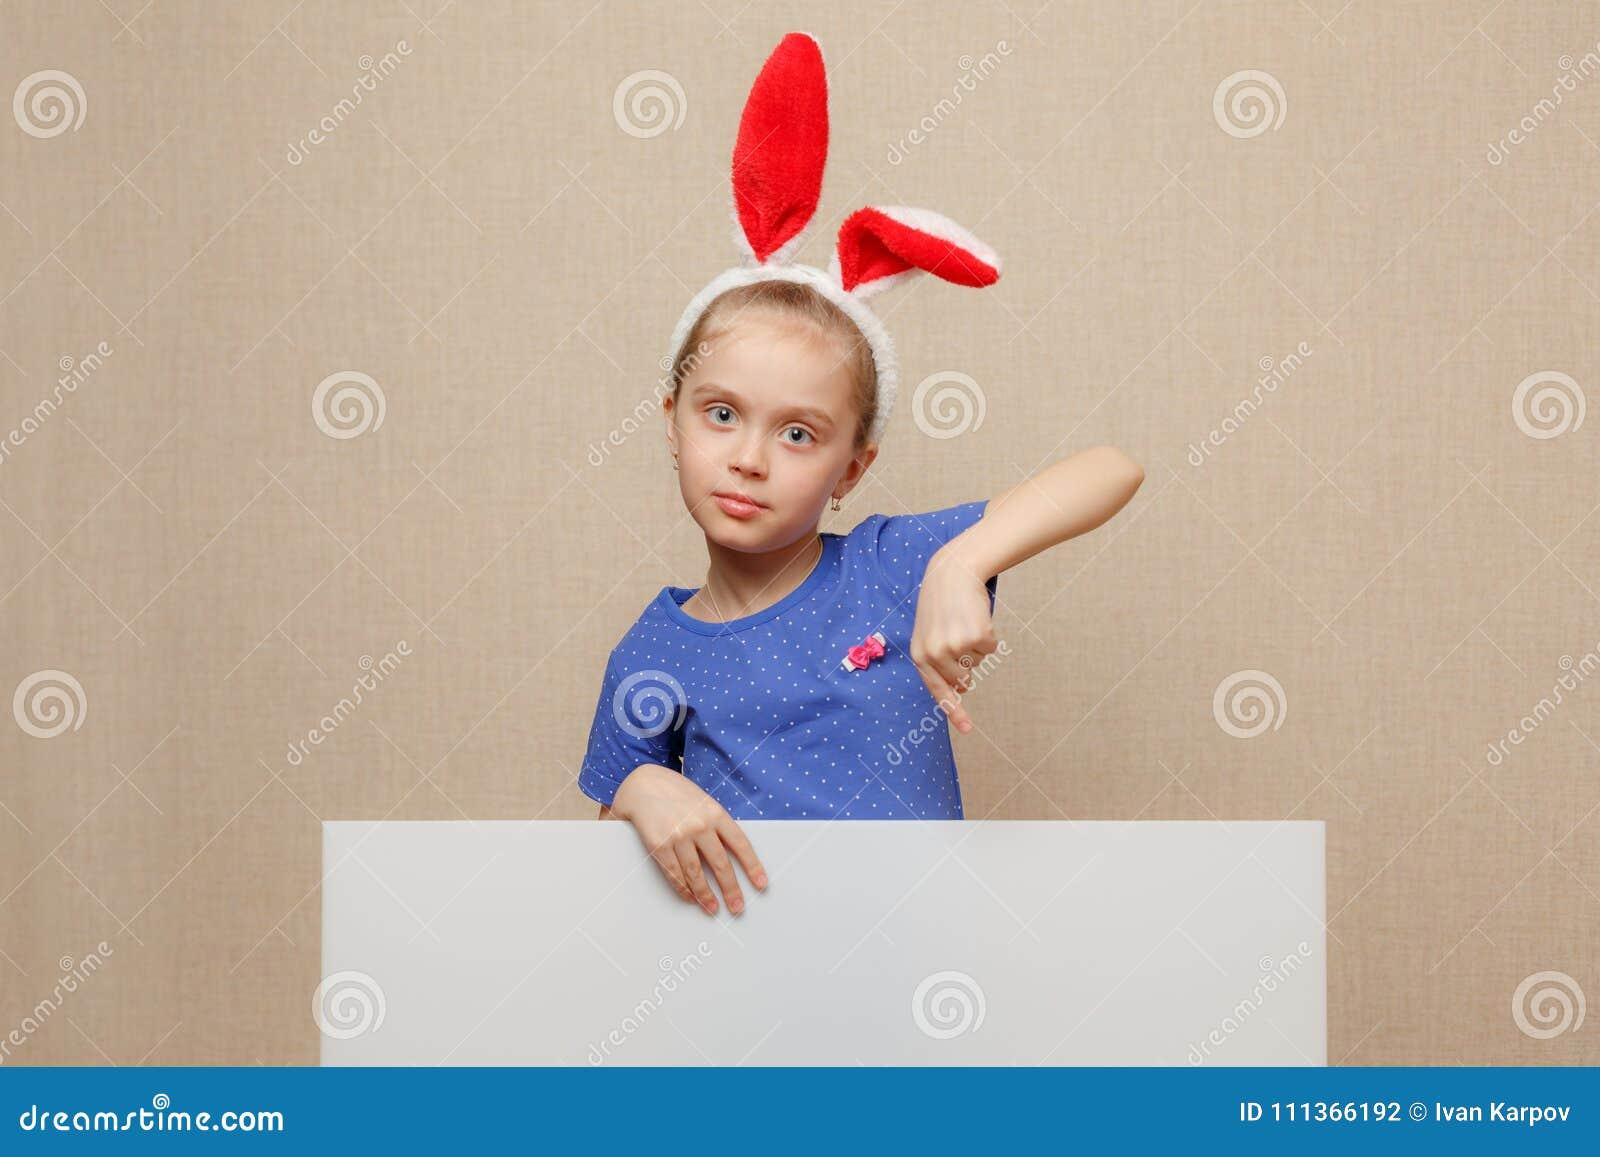 Petite fille de lapin dirigeant son doigt sur une bannière vide de livre blanc